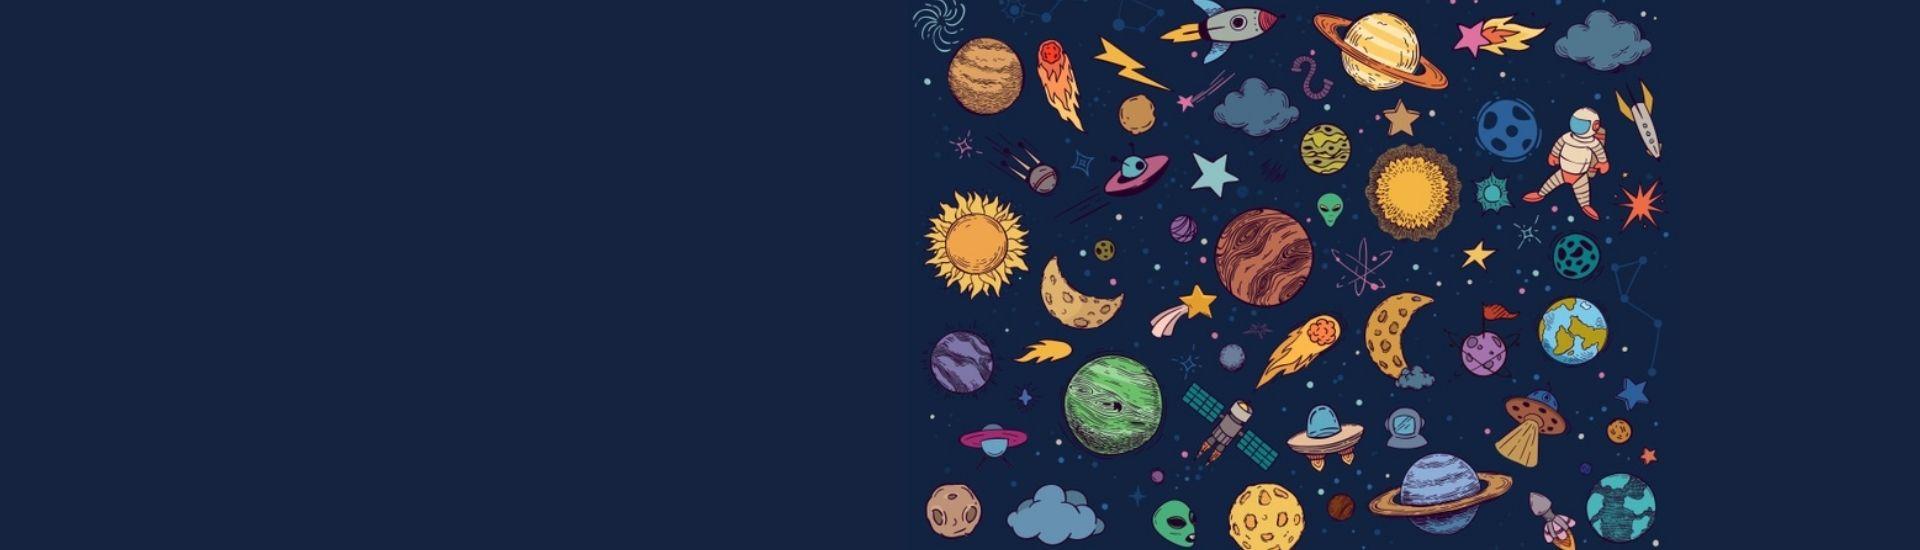 Fondo azul con varios planetas y cuerpos celestes